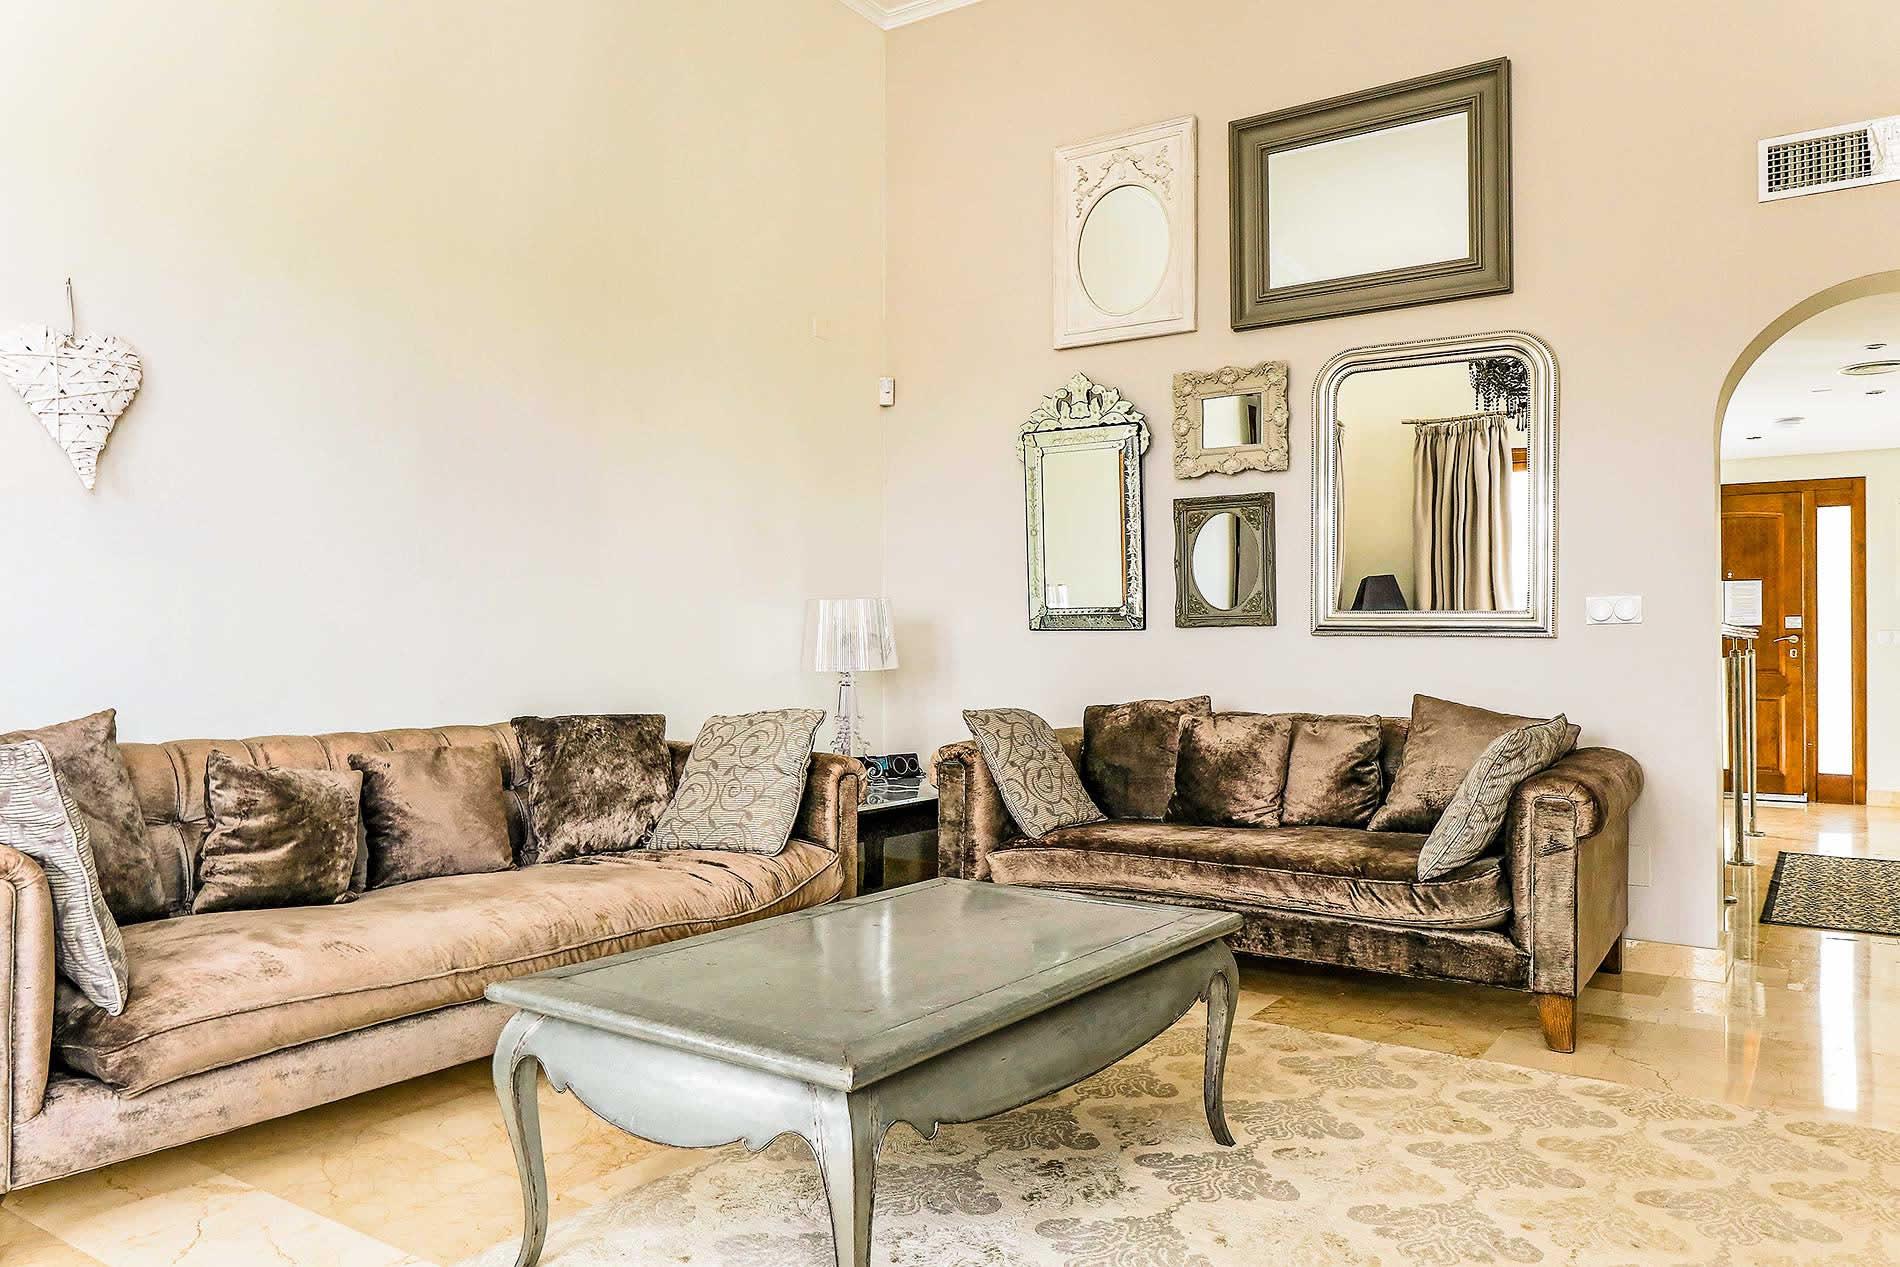 Villa Buena Vista Azariah in La Manga Club - sleeps 8 people